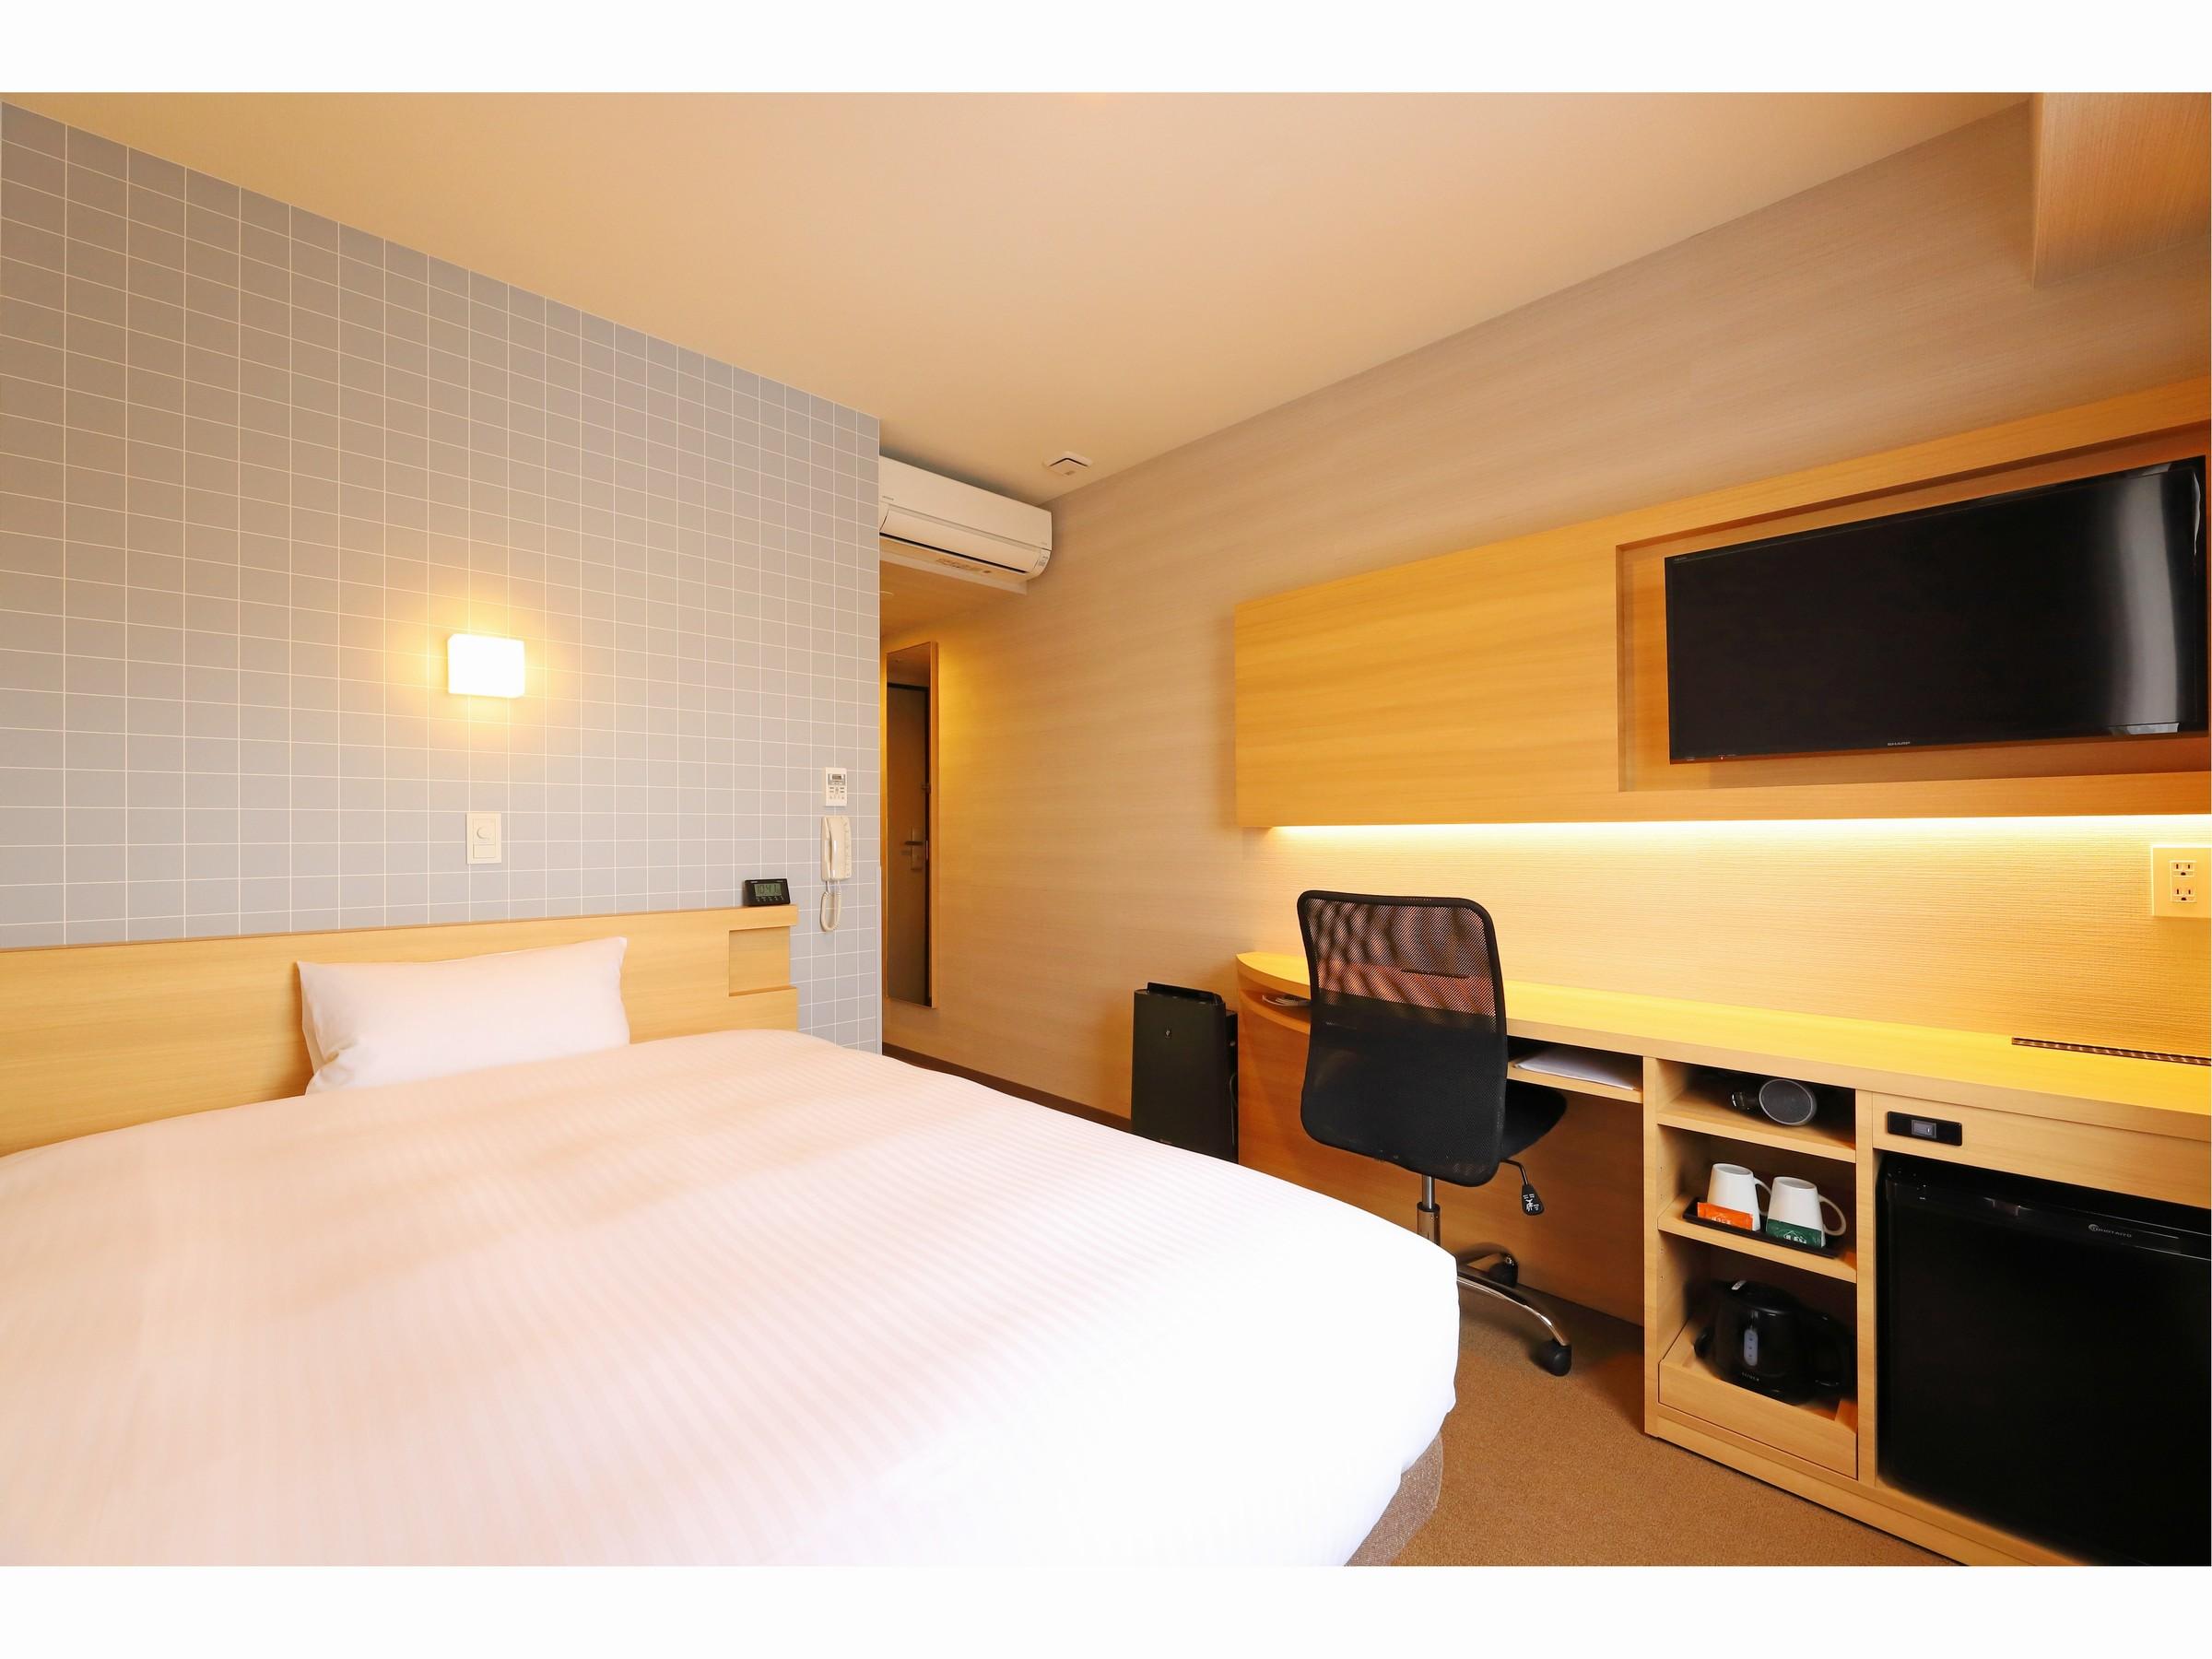 スマイルホテル湘南藤沢 / 【全室禁煙】シングルルーム 1名